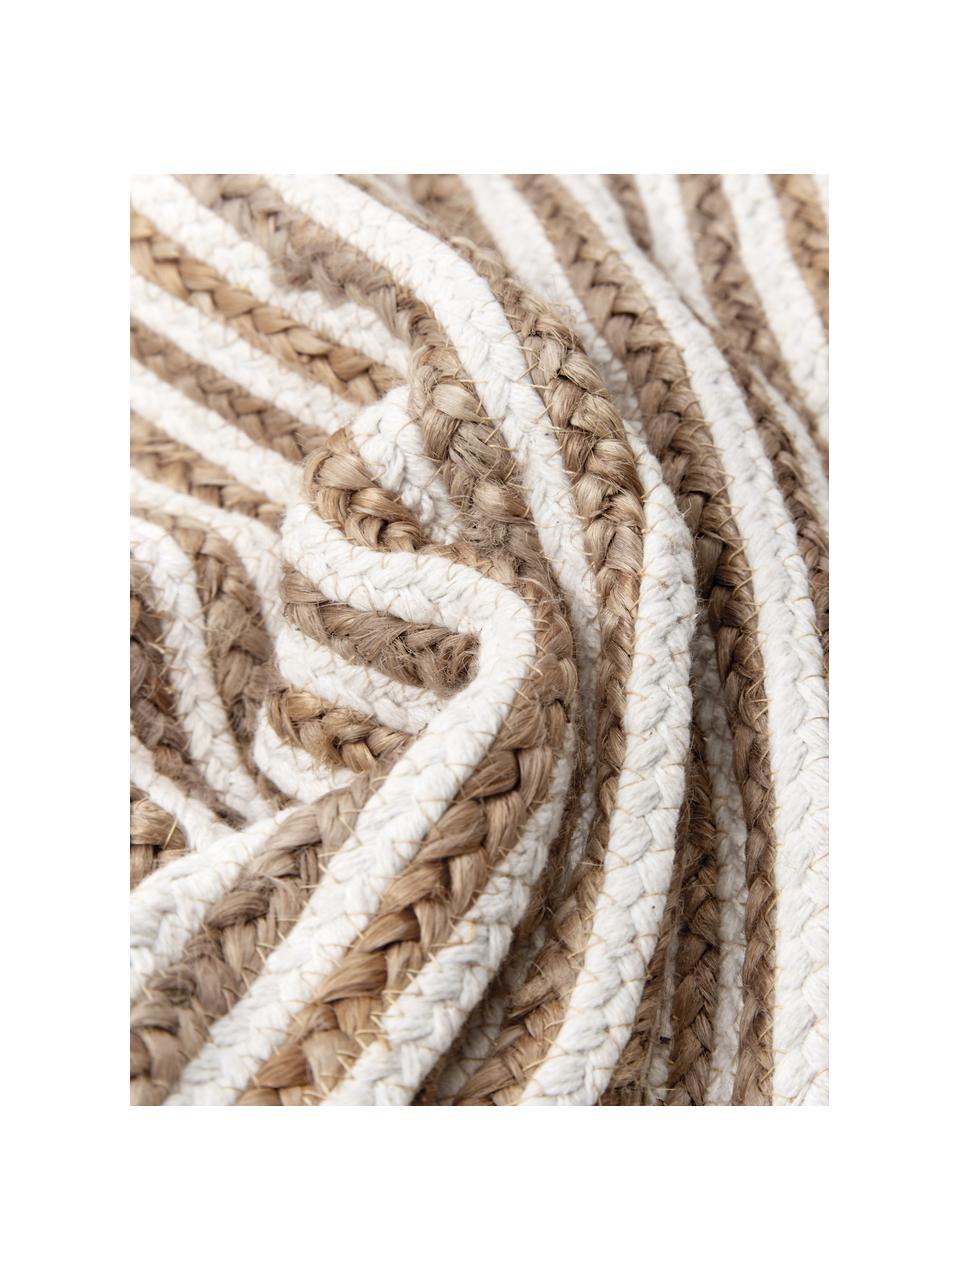 Gestreepte juten kussenhoes Faeka, Beige, wit, 40 x 40 cm